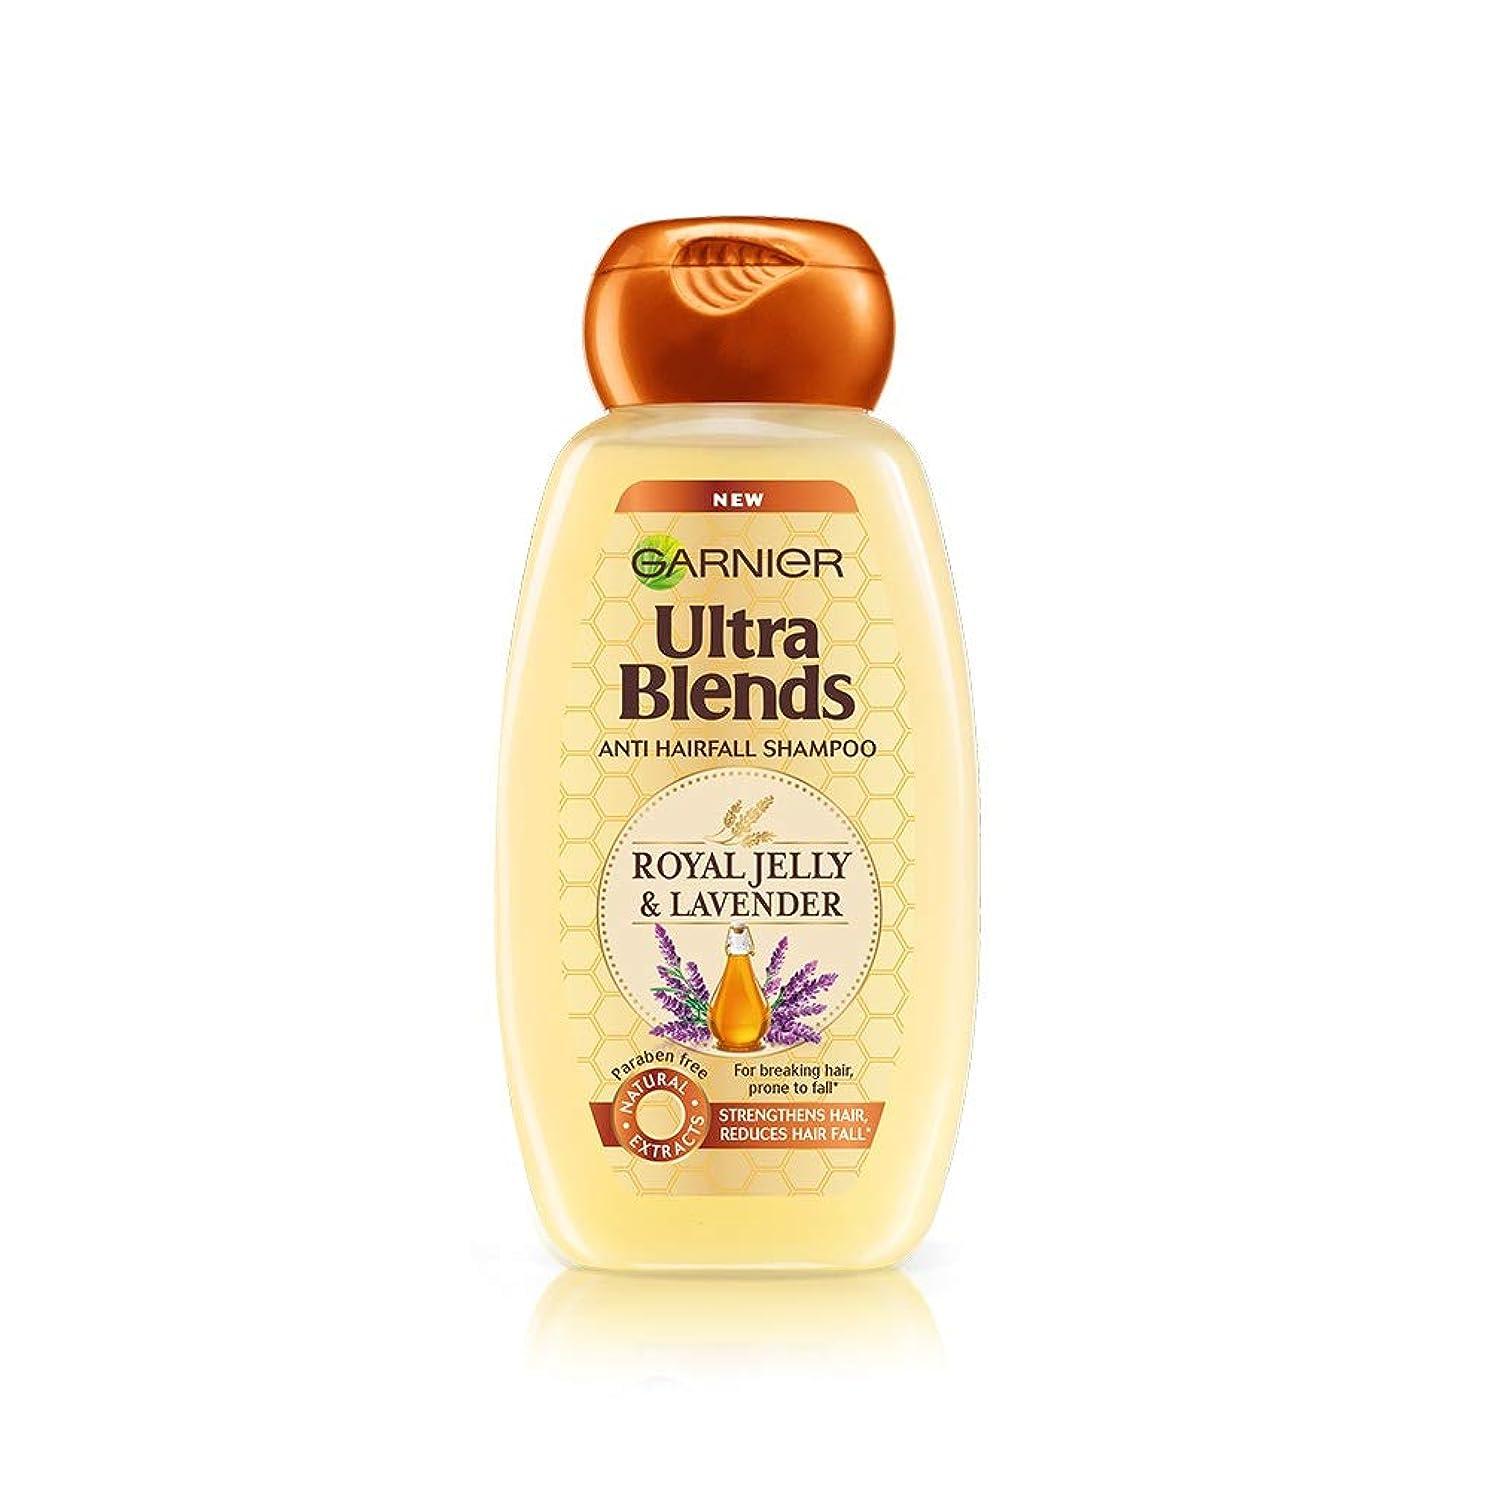 メキシコ忍耐丈夫Garnier Ultra Blends Shampoo, Royal Jelly and Lavender, 340ml